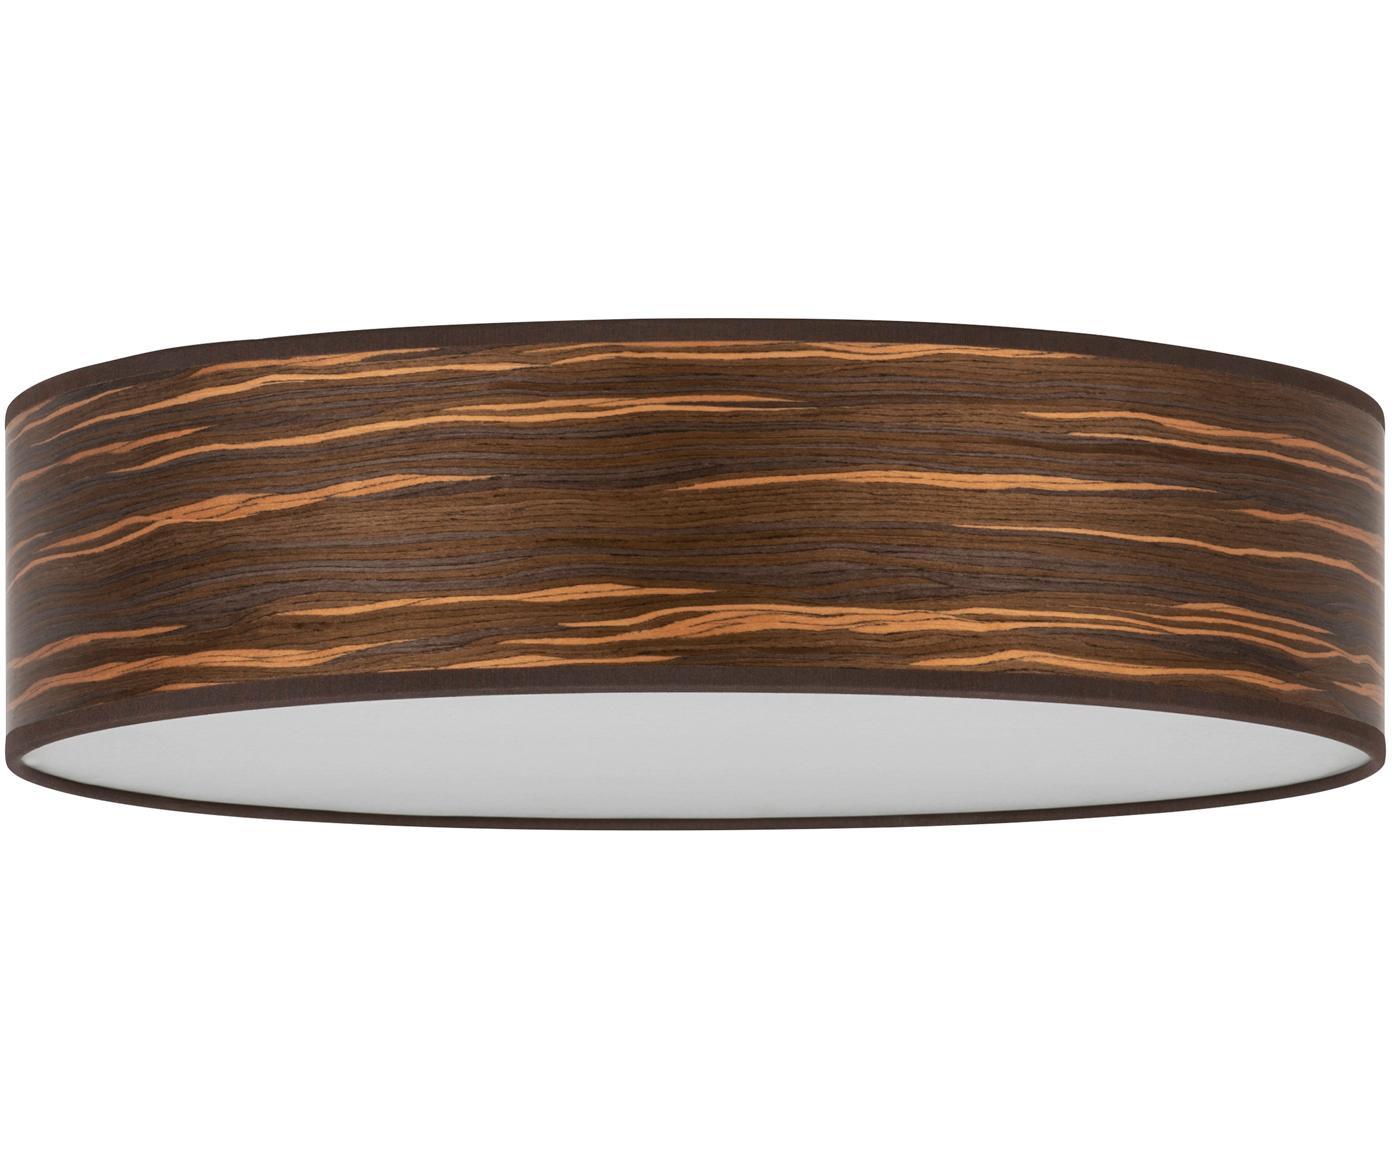 Lampa sufitowa z drewna Ocho, Drewno naturalne, biały, Ø 40 x W 11 cm